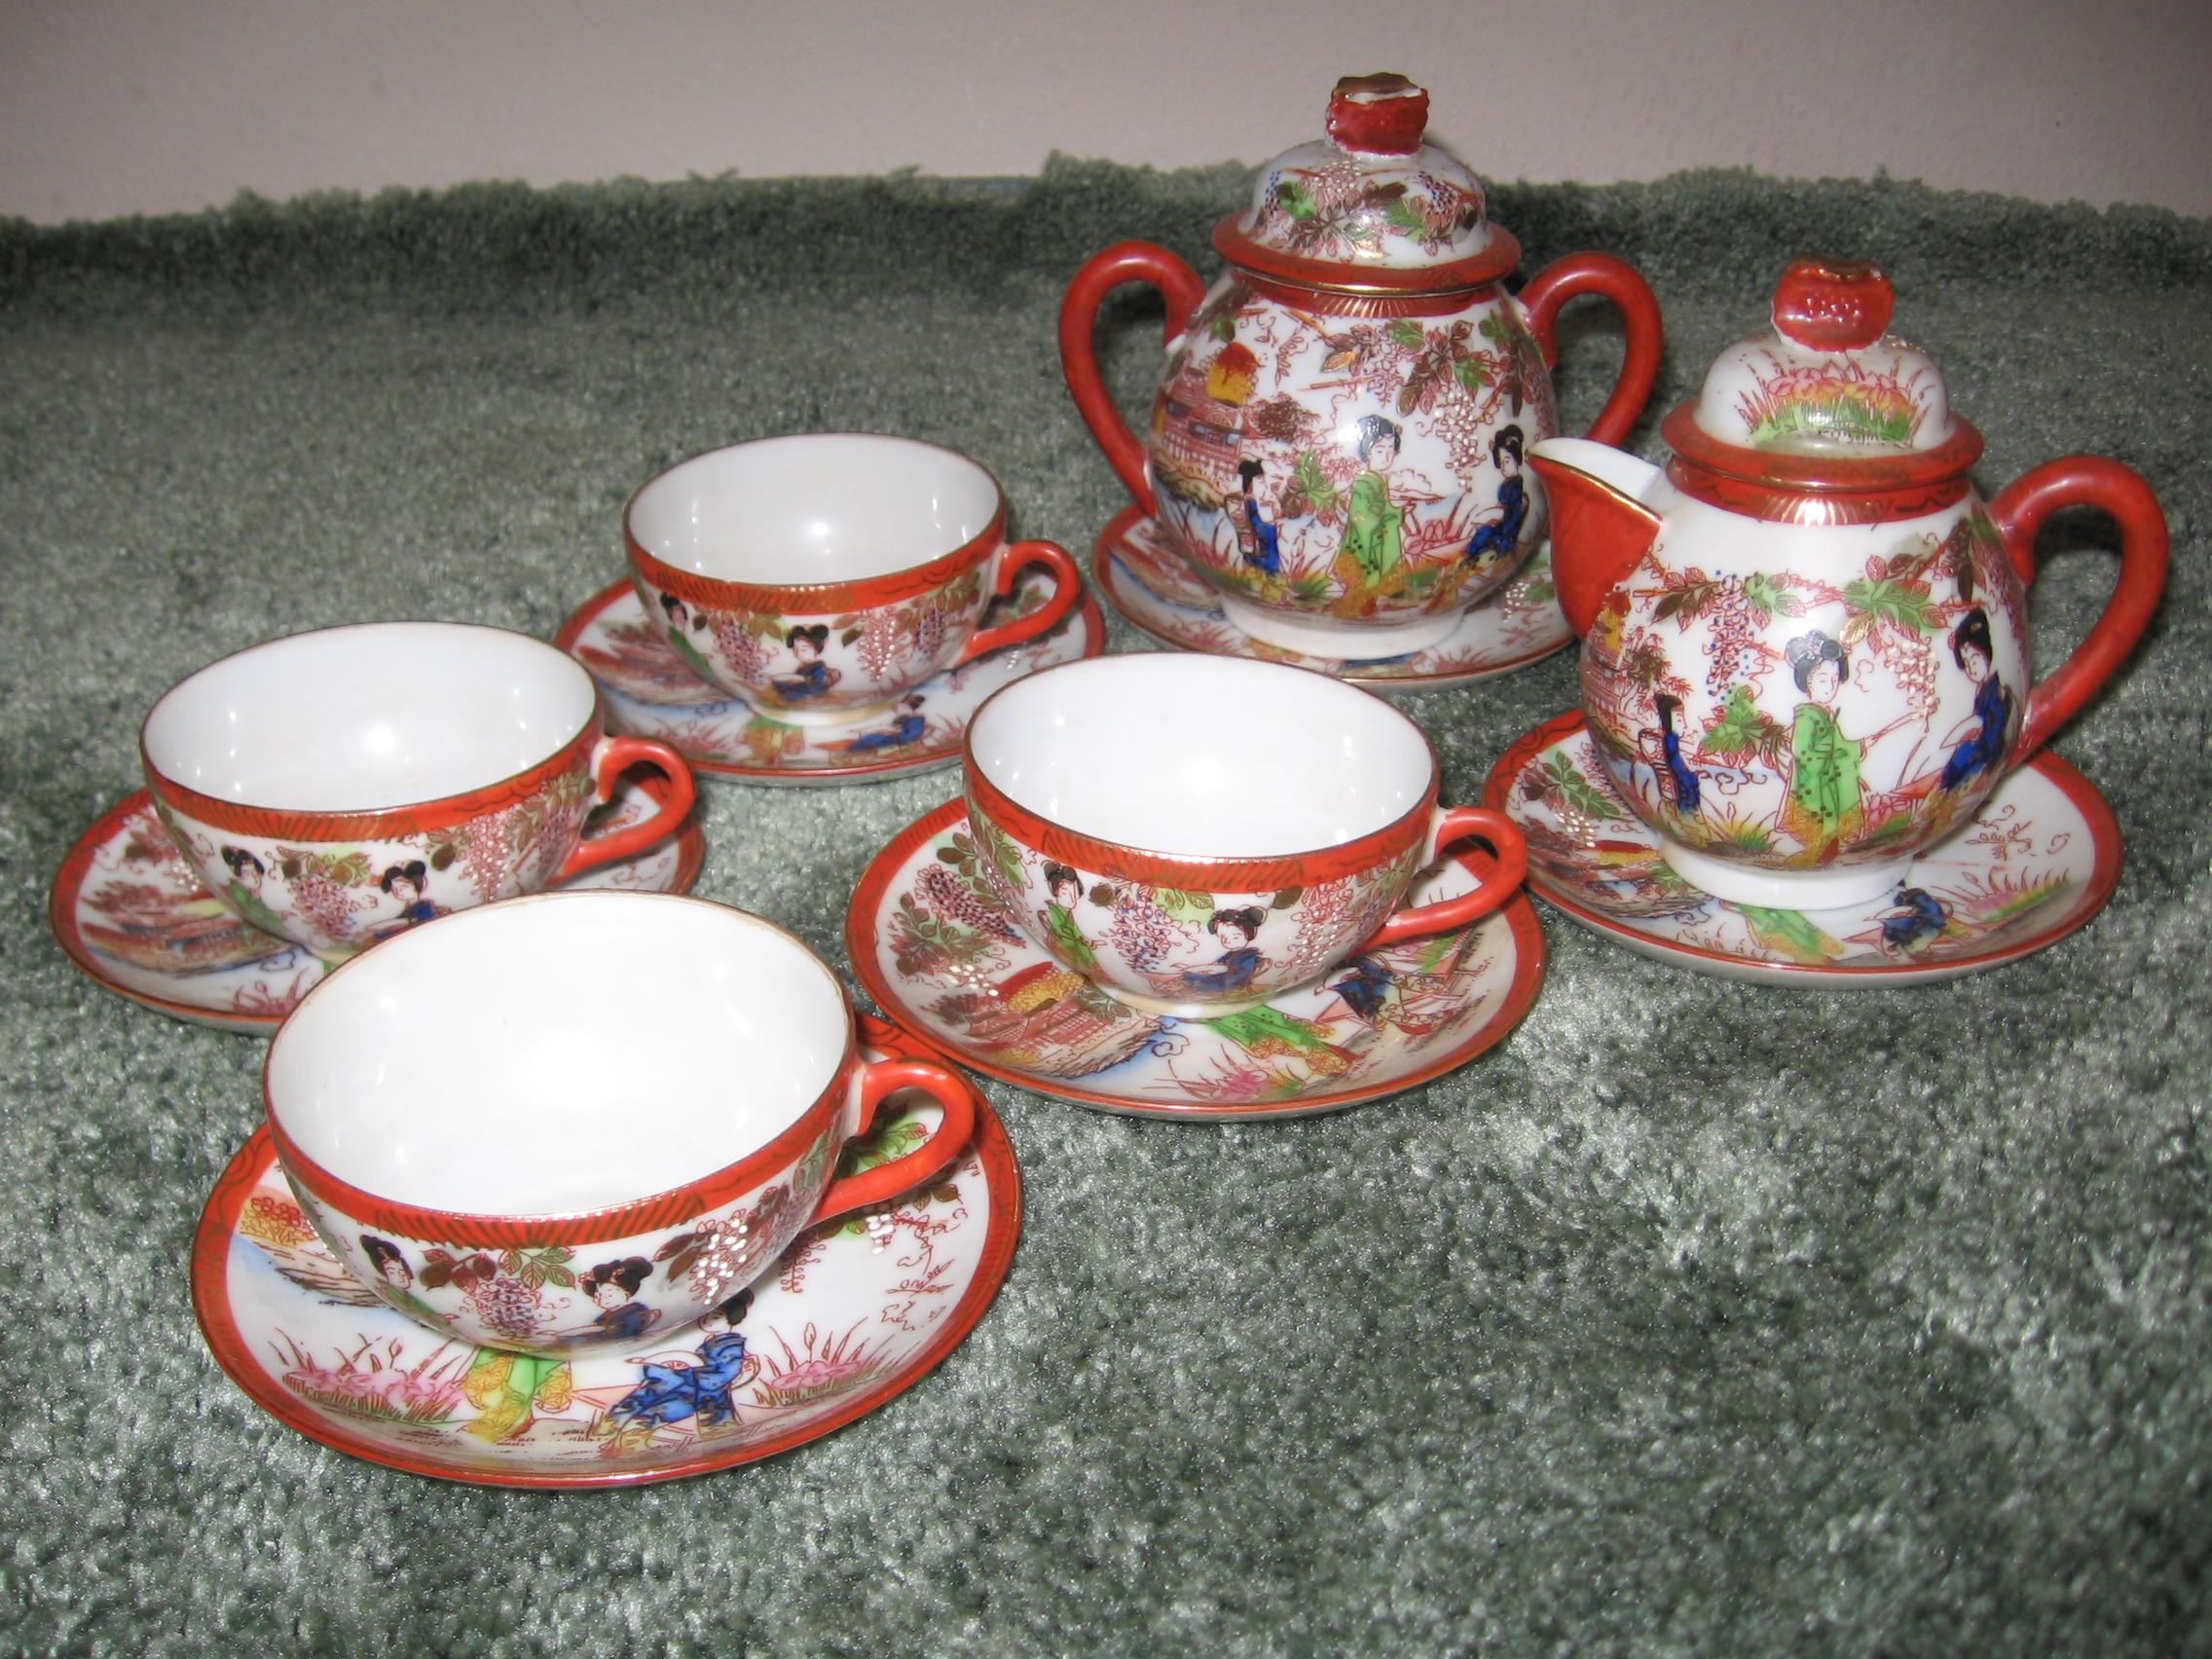 1900 30s Giesha Girls Tea Set Antique Appraisal